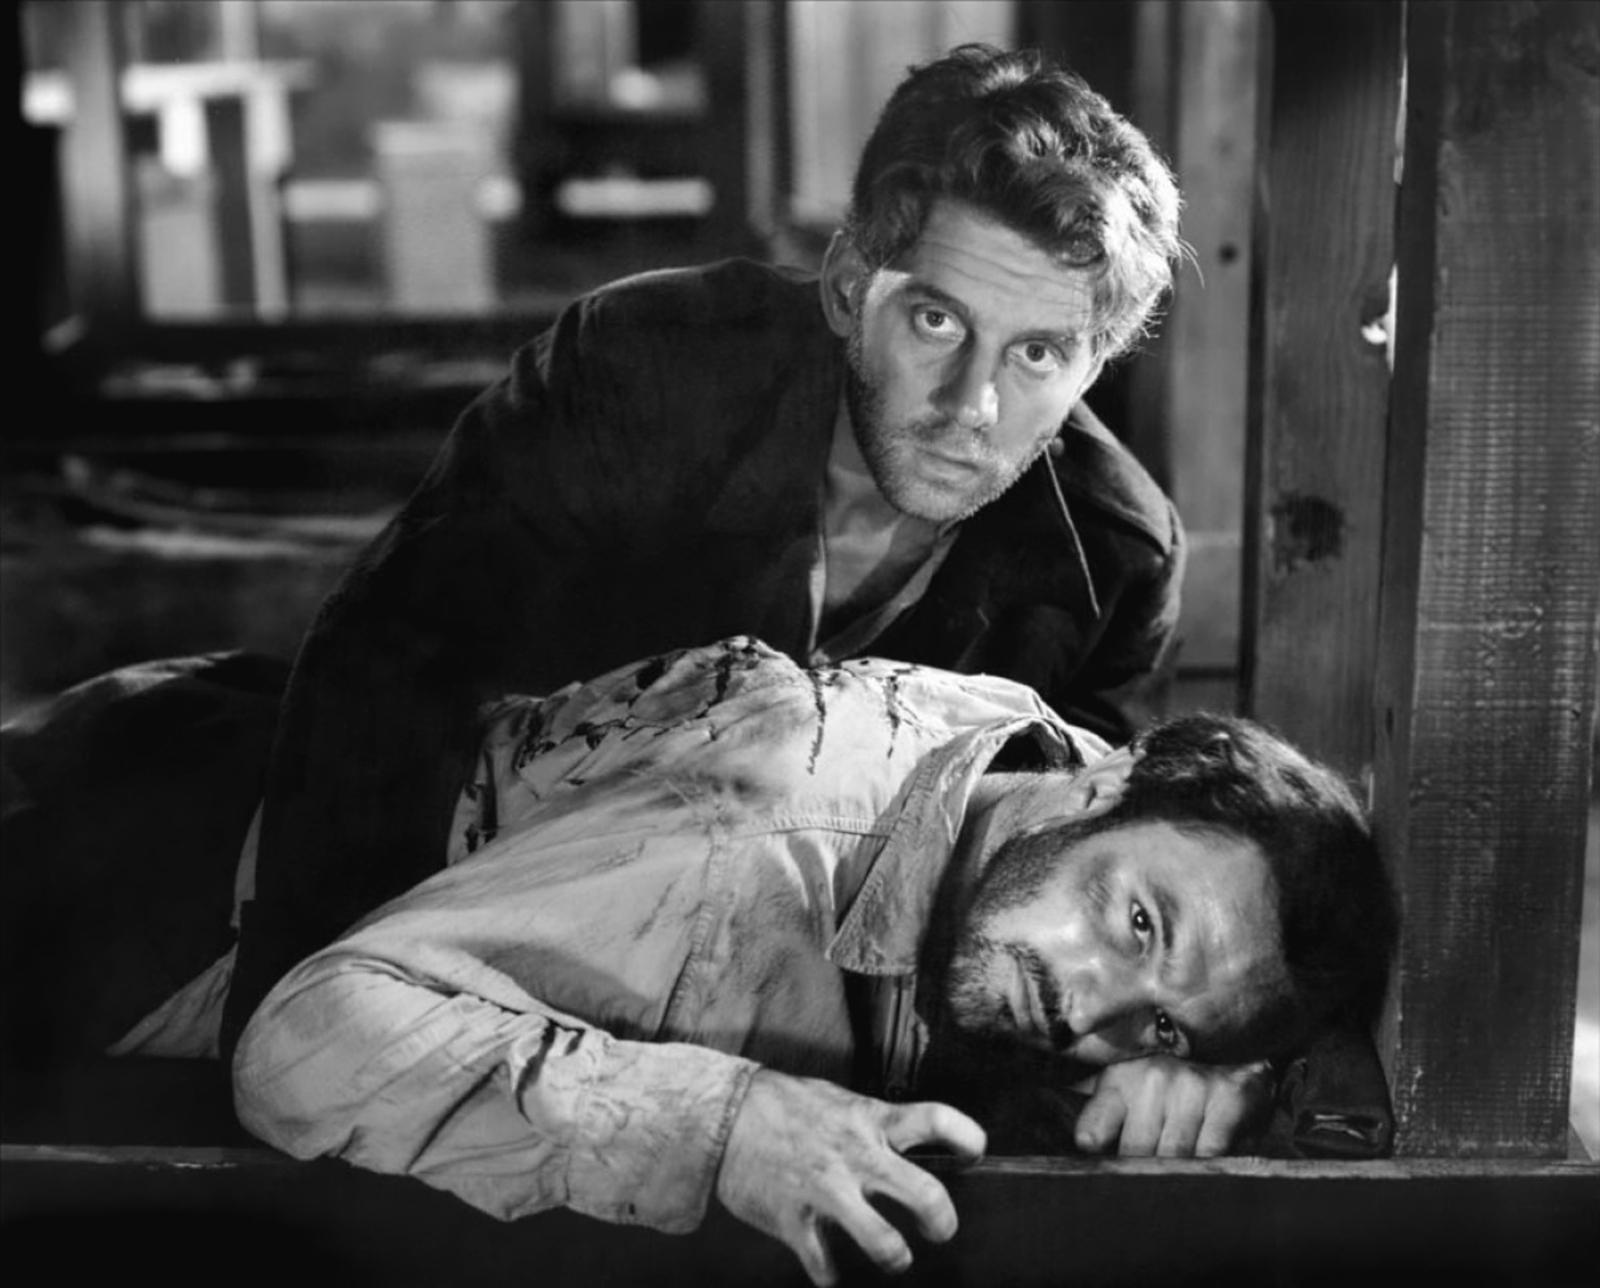 Gene Kelly with John-Pierre Aumont (top)